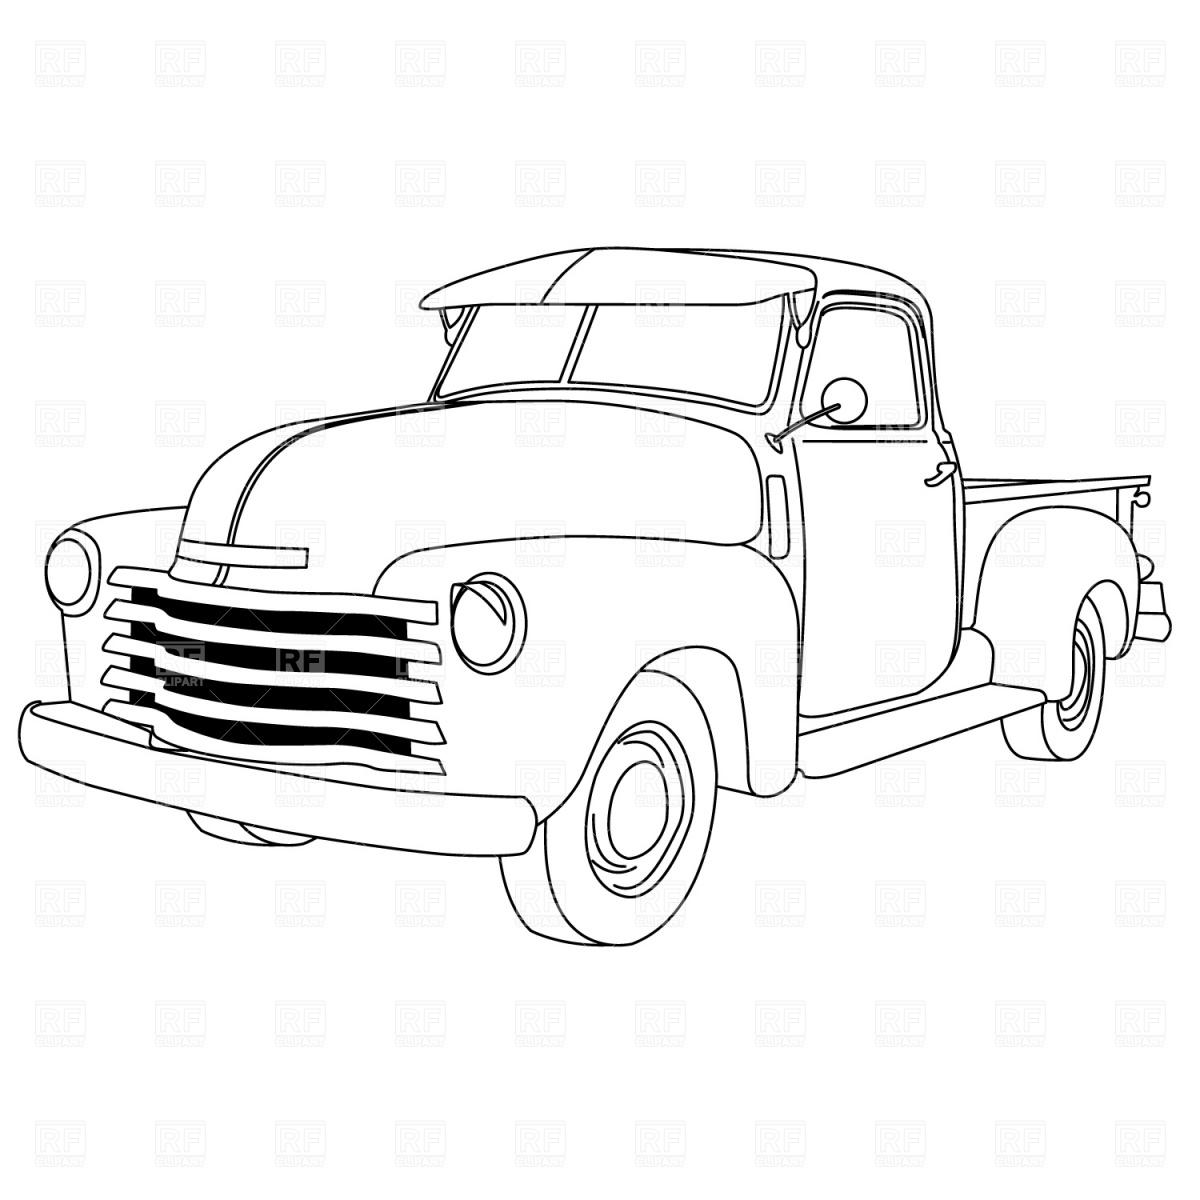 17 Classic Truck Vector Clip Art Images.